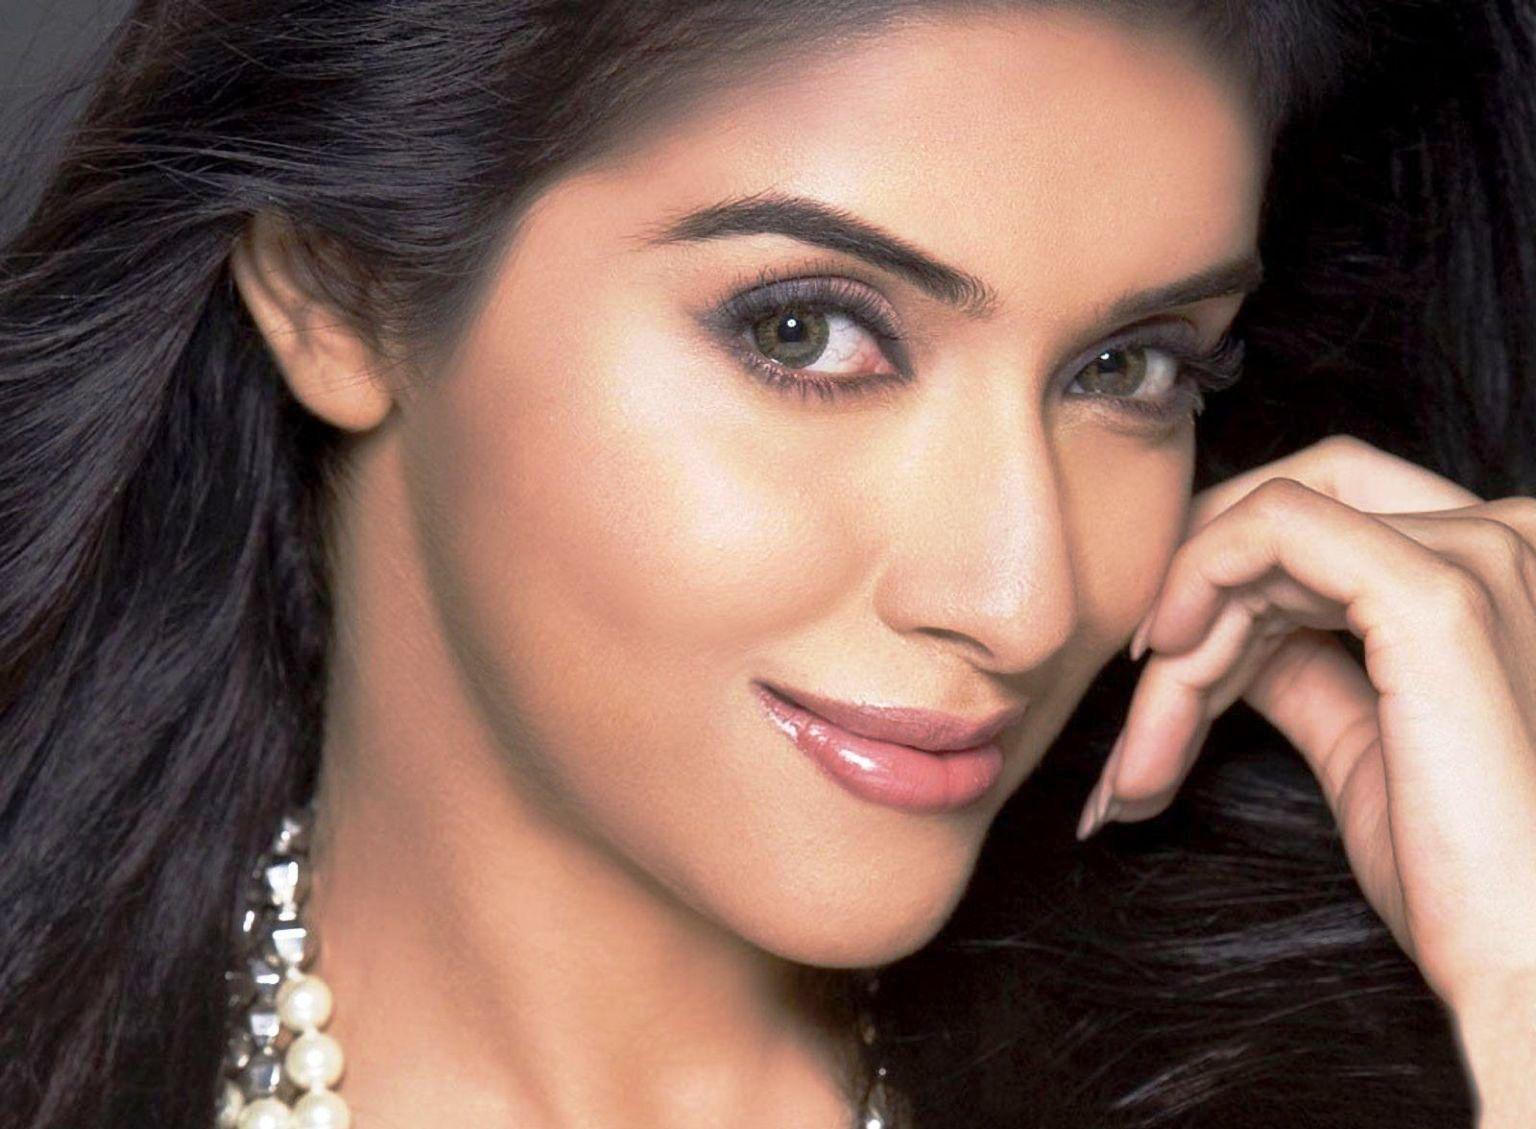 hot hindi actress wallpapers group 1536×1129 hindi heroine